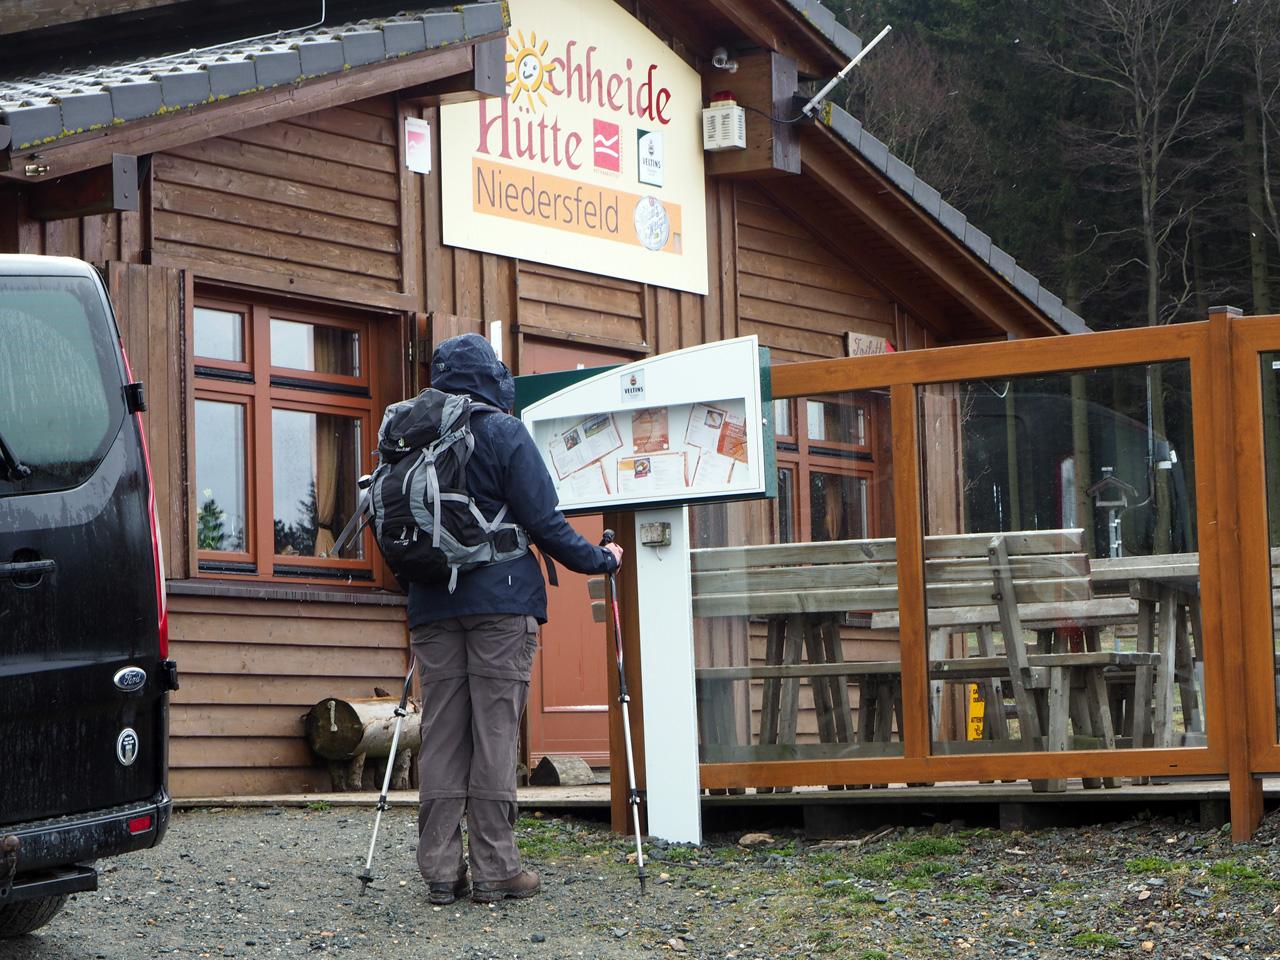 bij de Hochheide Hütte